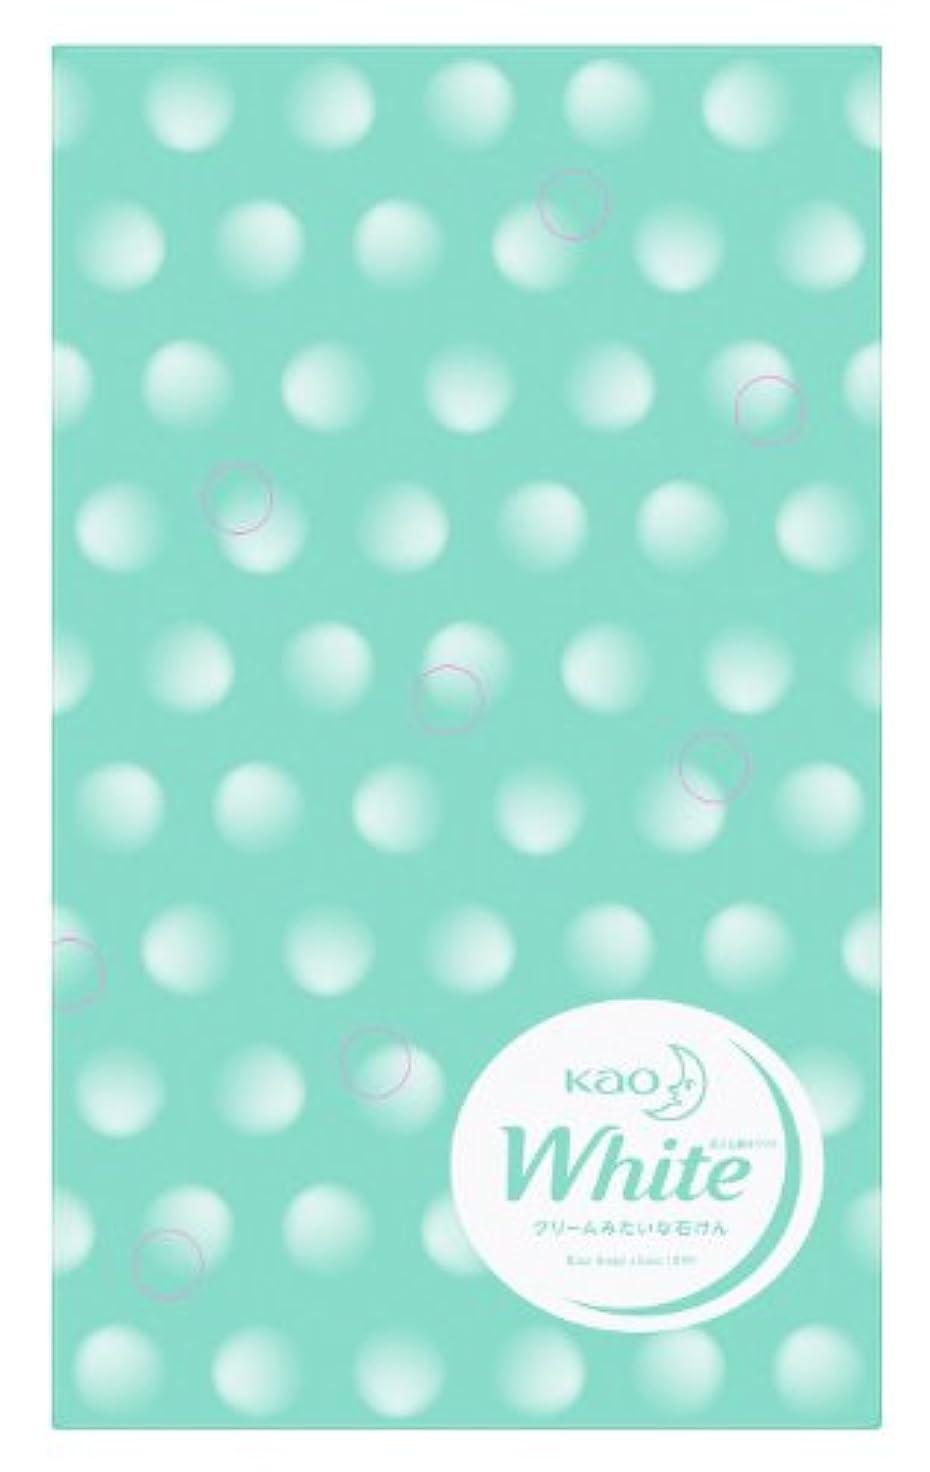 ガレージスーツ枕花王ホワイト 普通サイズ 10コ包装デザイン箱